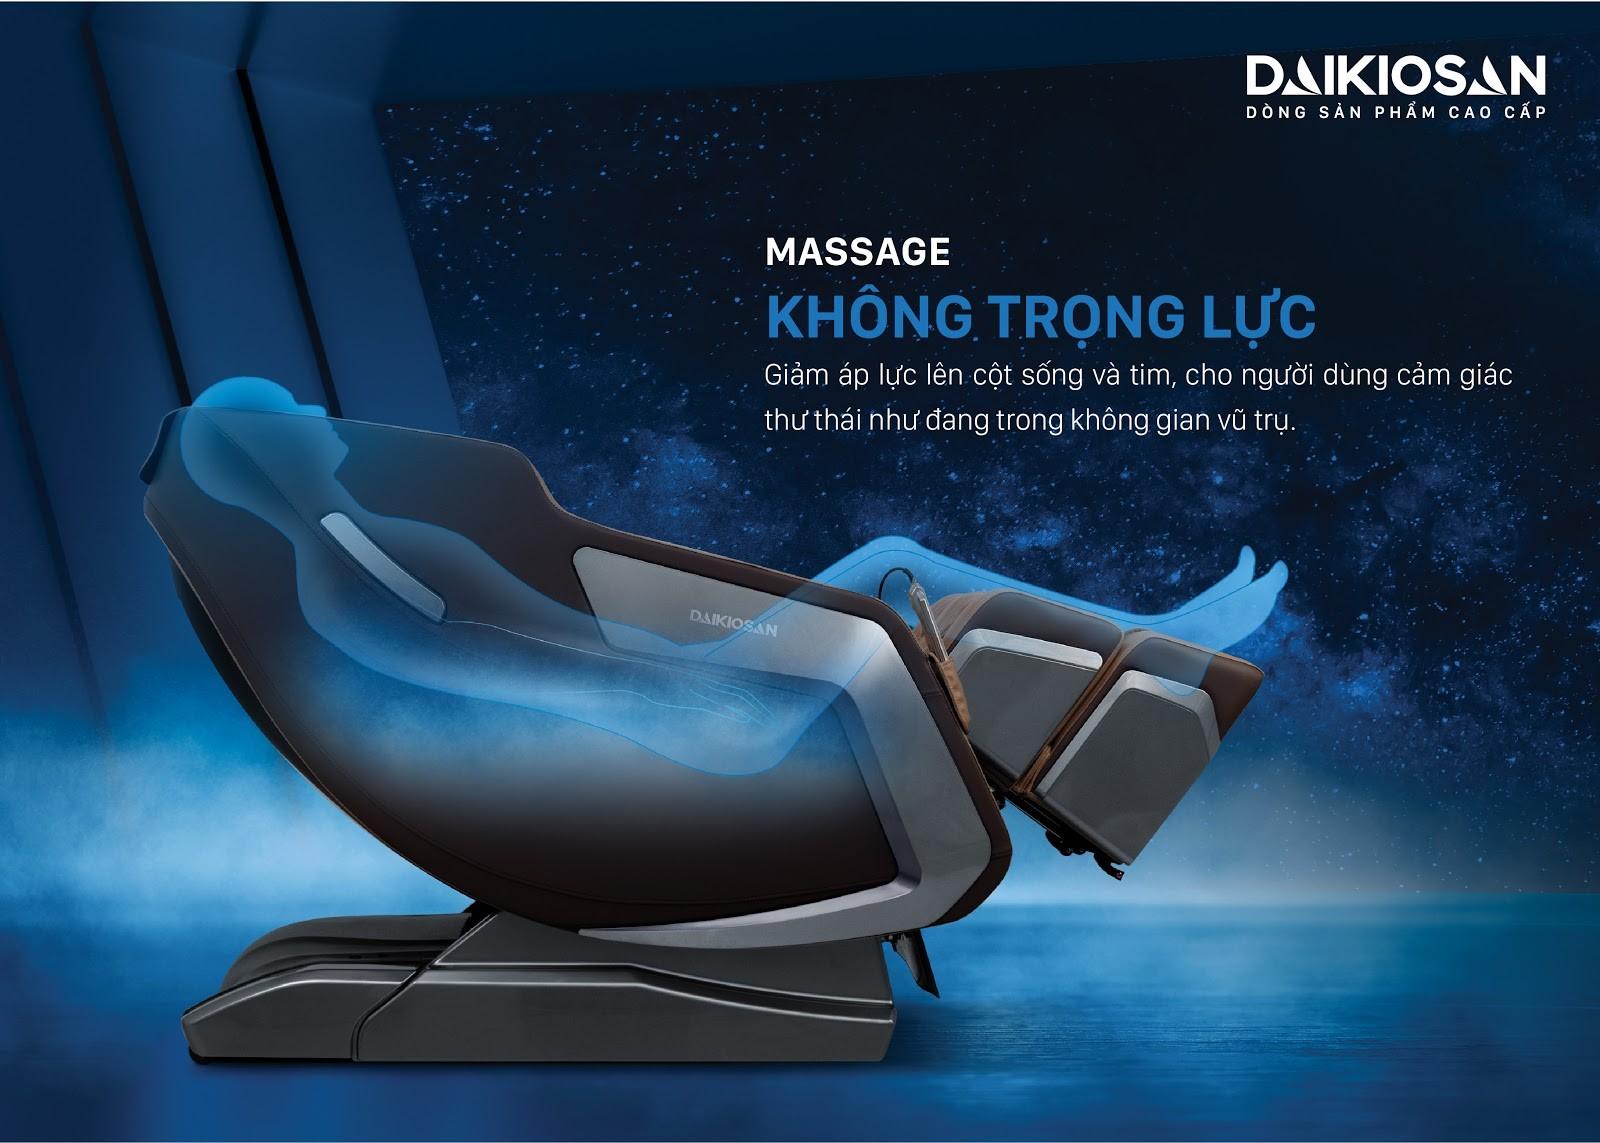 Phương pháp massage không trọng lực được khuyên dùng hiện nay